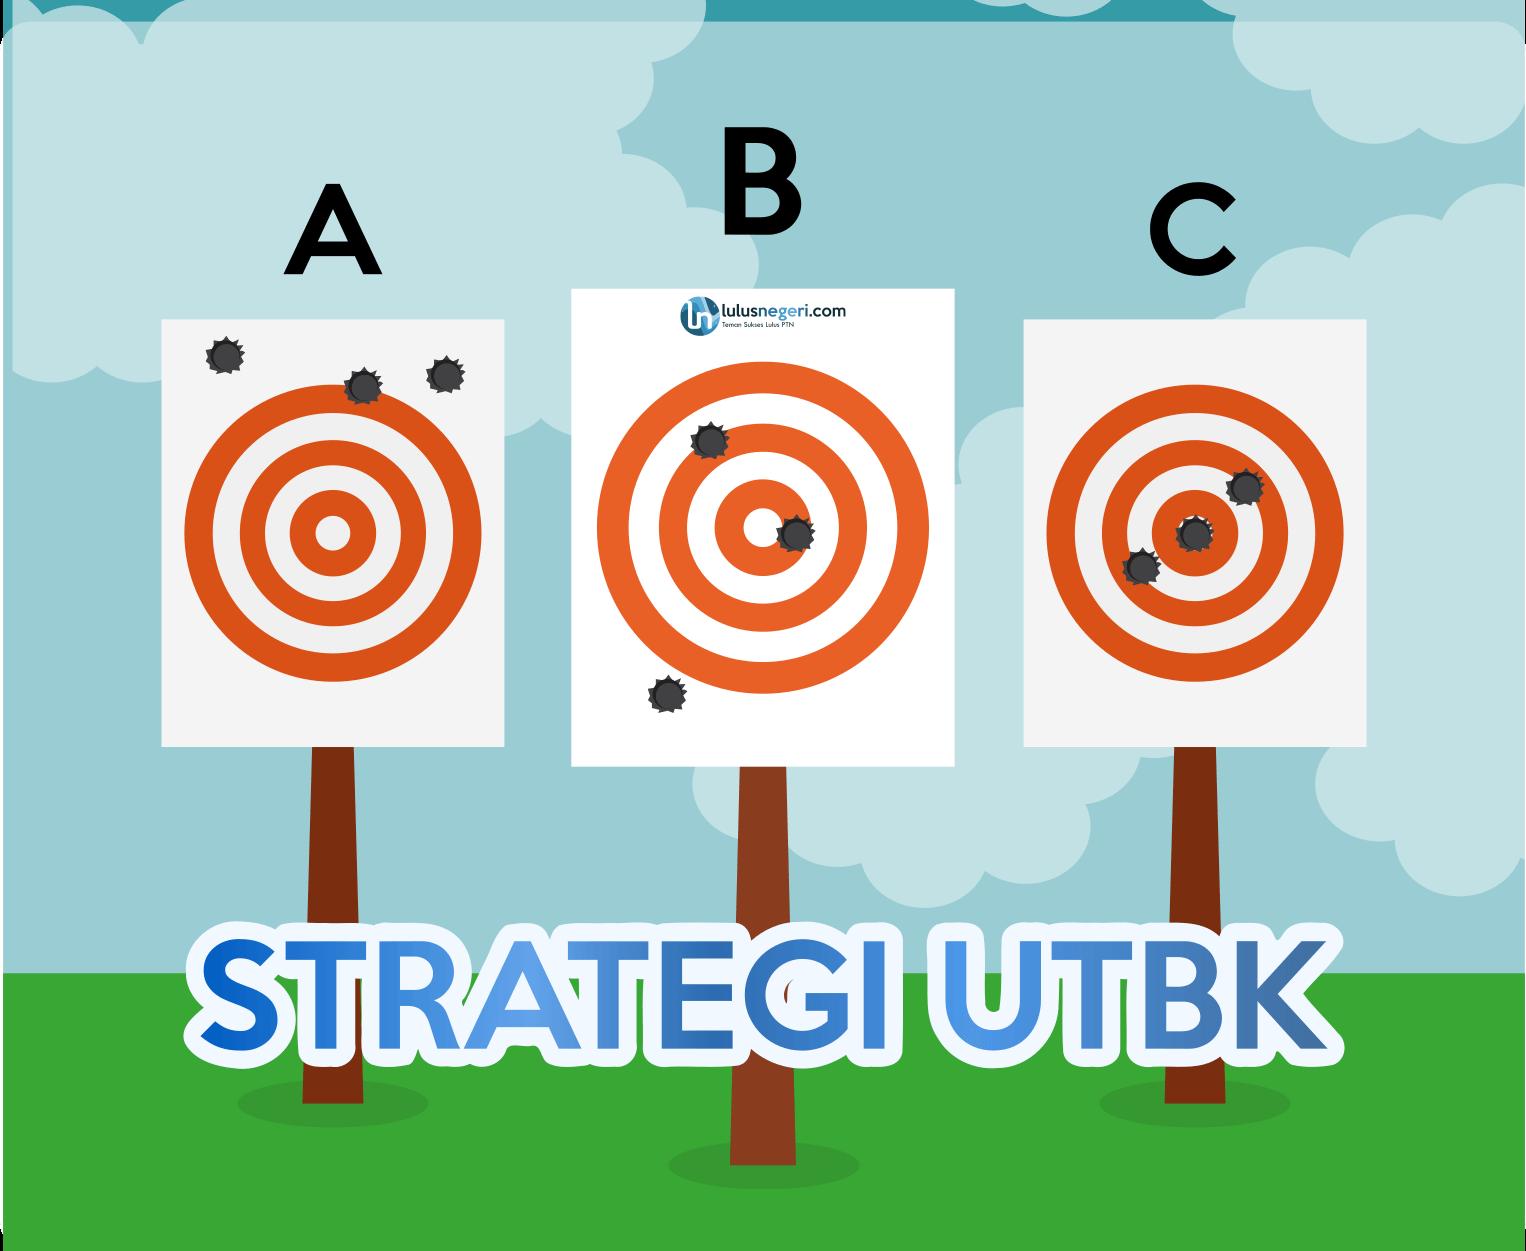 """Strategi """"Nembak"""" di UTBK"""